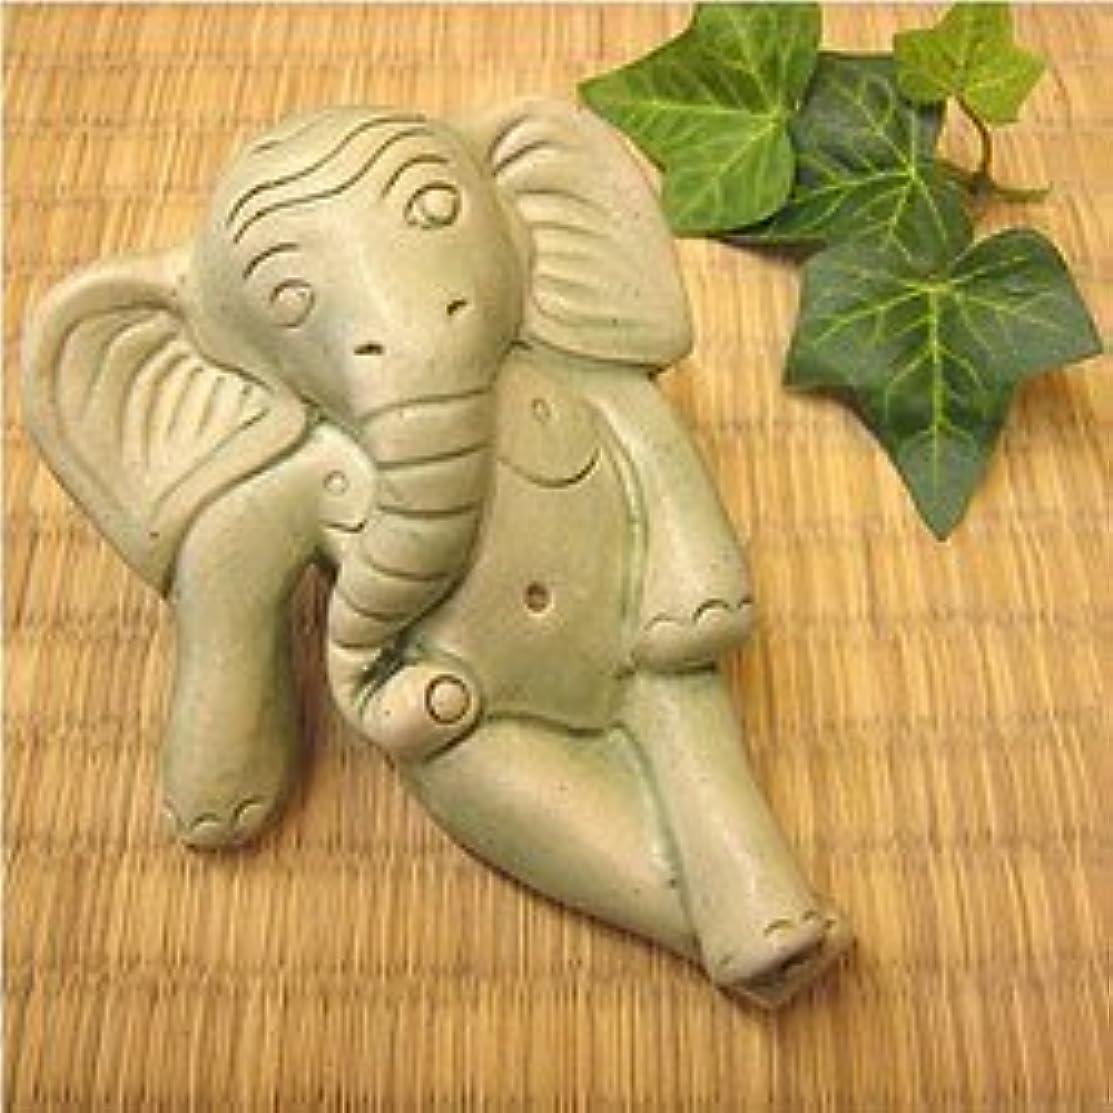 攻撃オンスアーティキュレーションタバナン焼 象さん お香たて アジアン雑貨